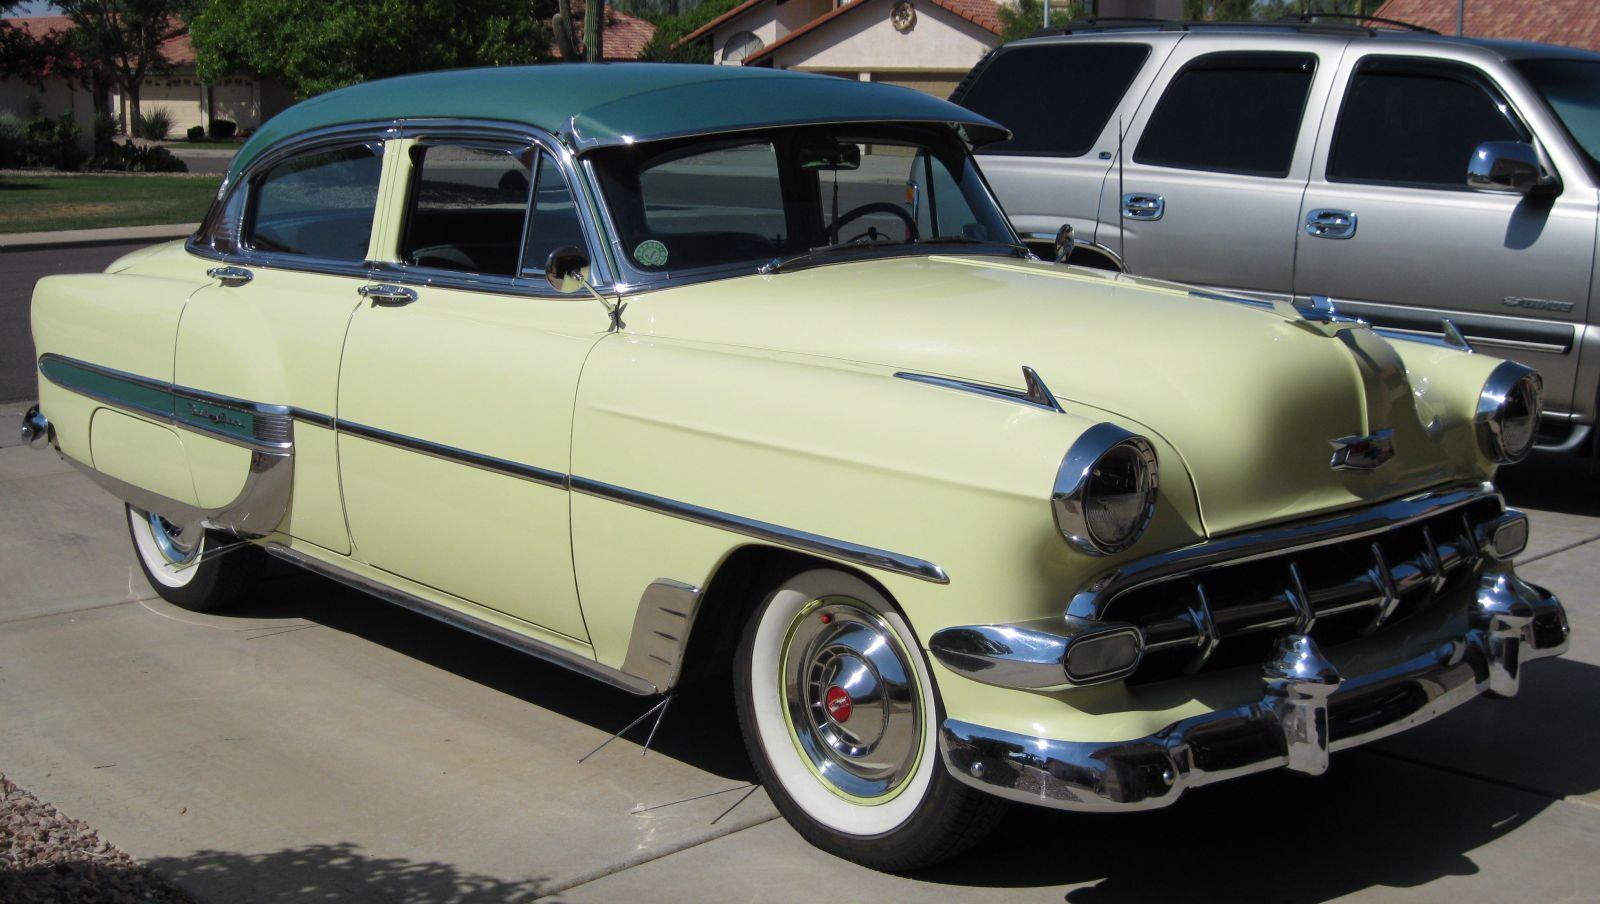 All Chevy 1954 chevrolet belair : 1954 Chevrolet Bel Air 4 door sedan - Members Gallery - Main ...